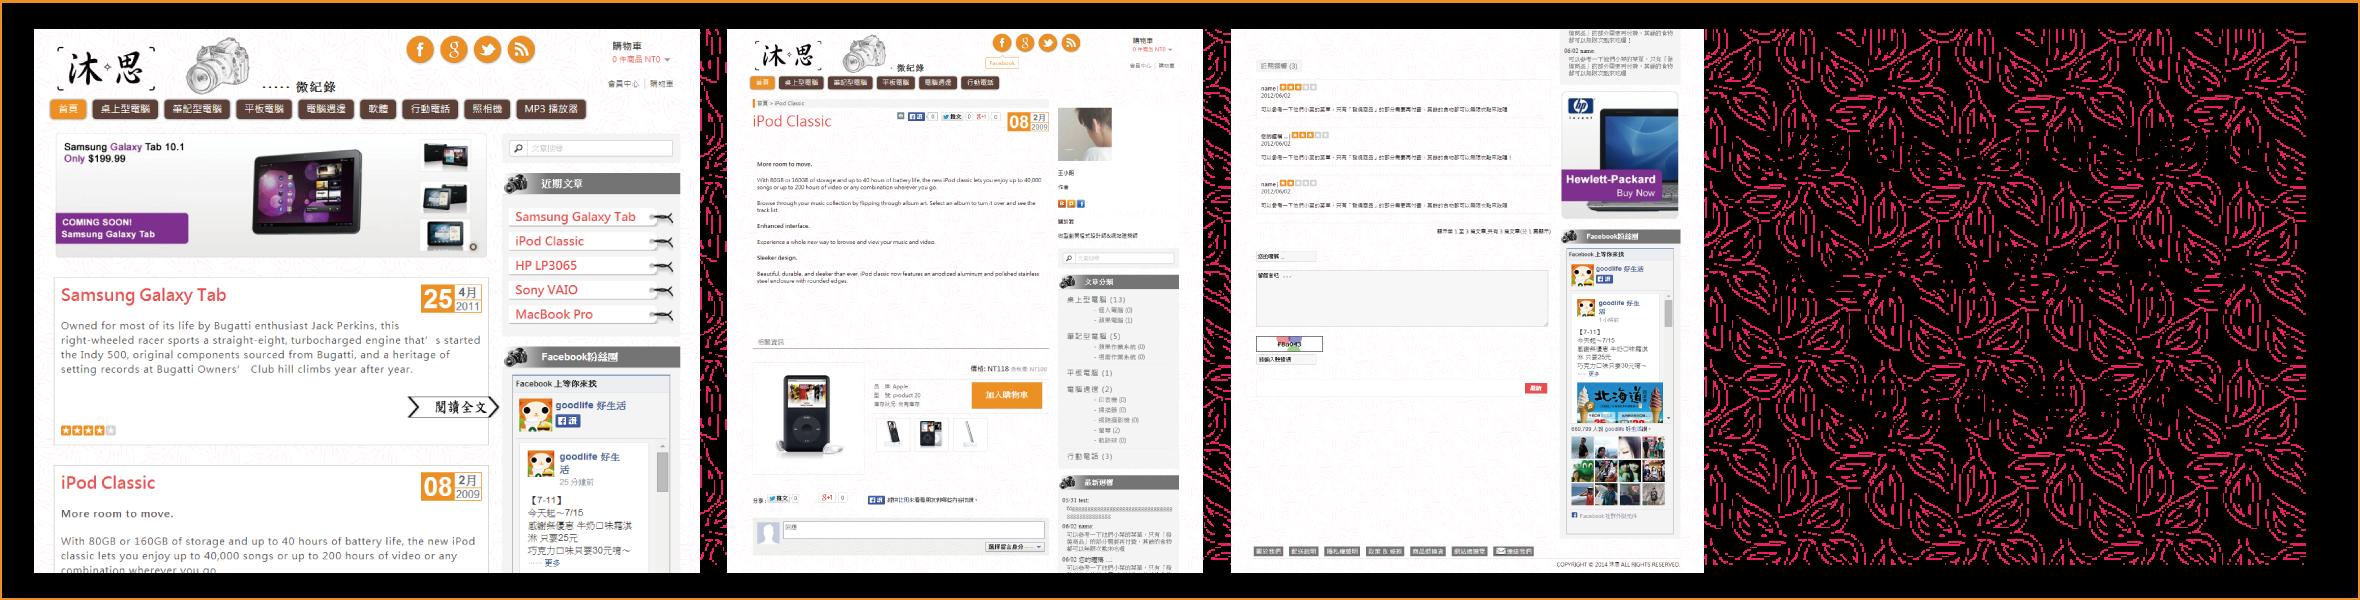 非典型購物網站